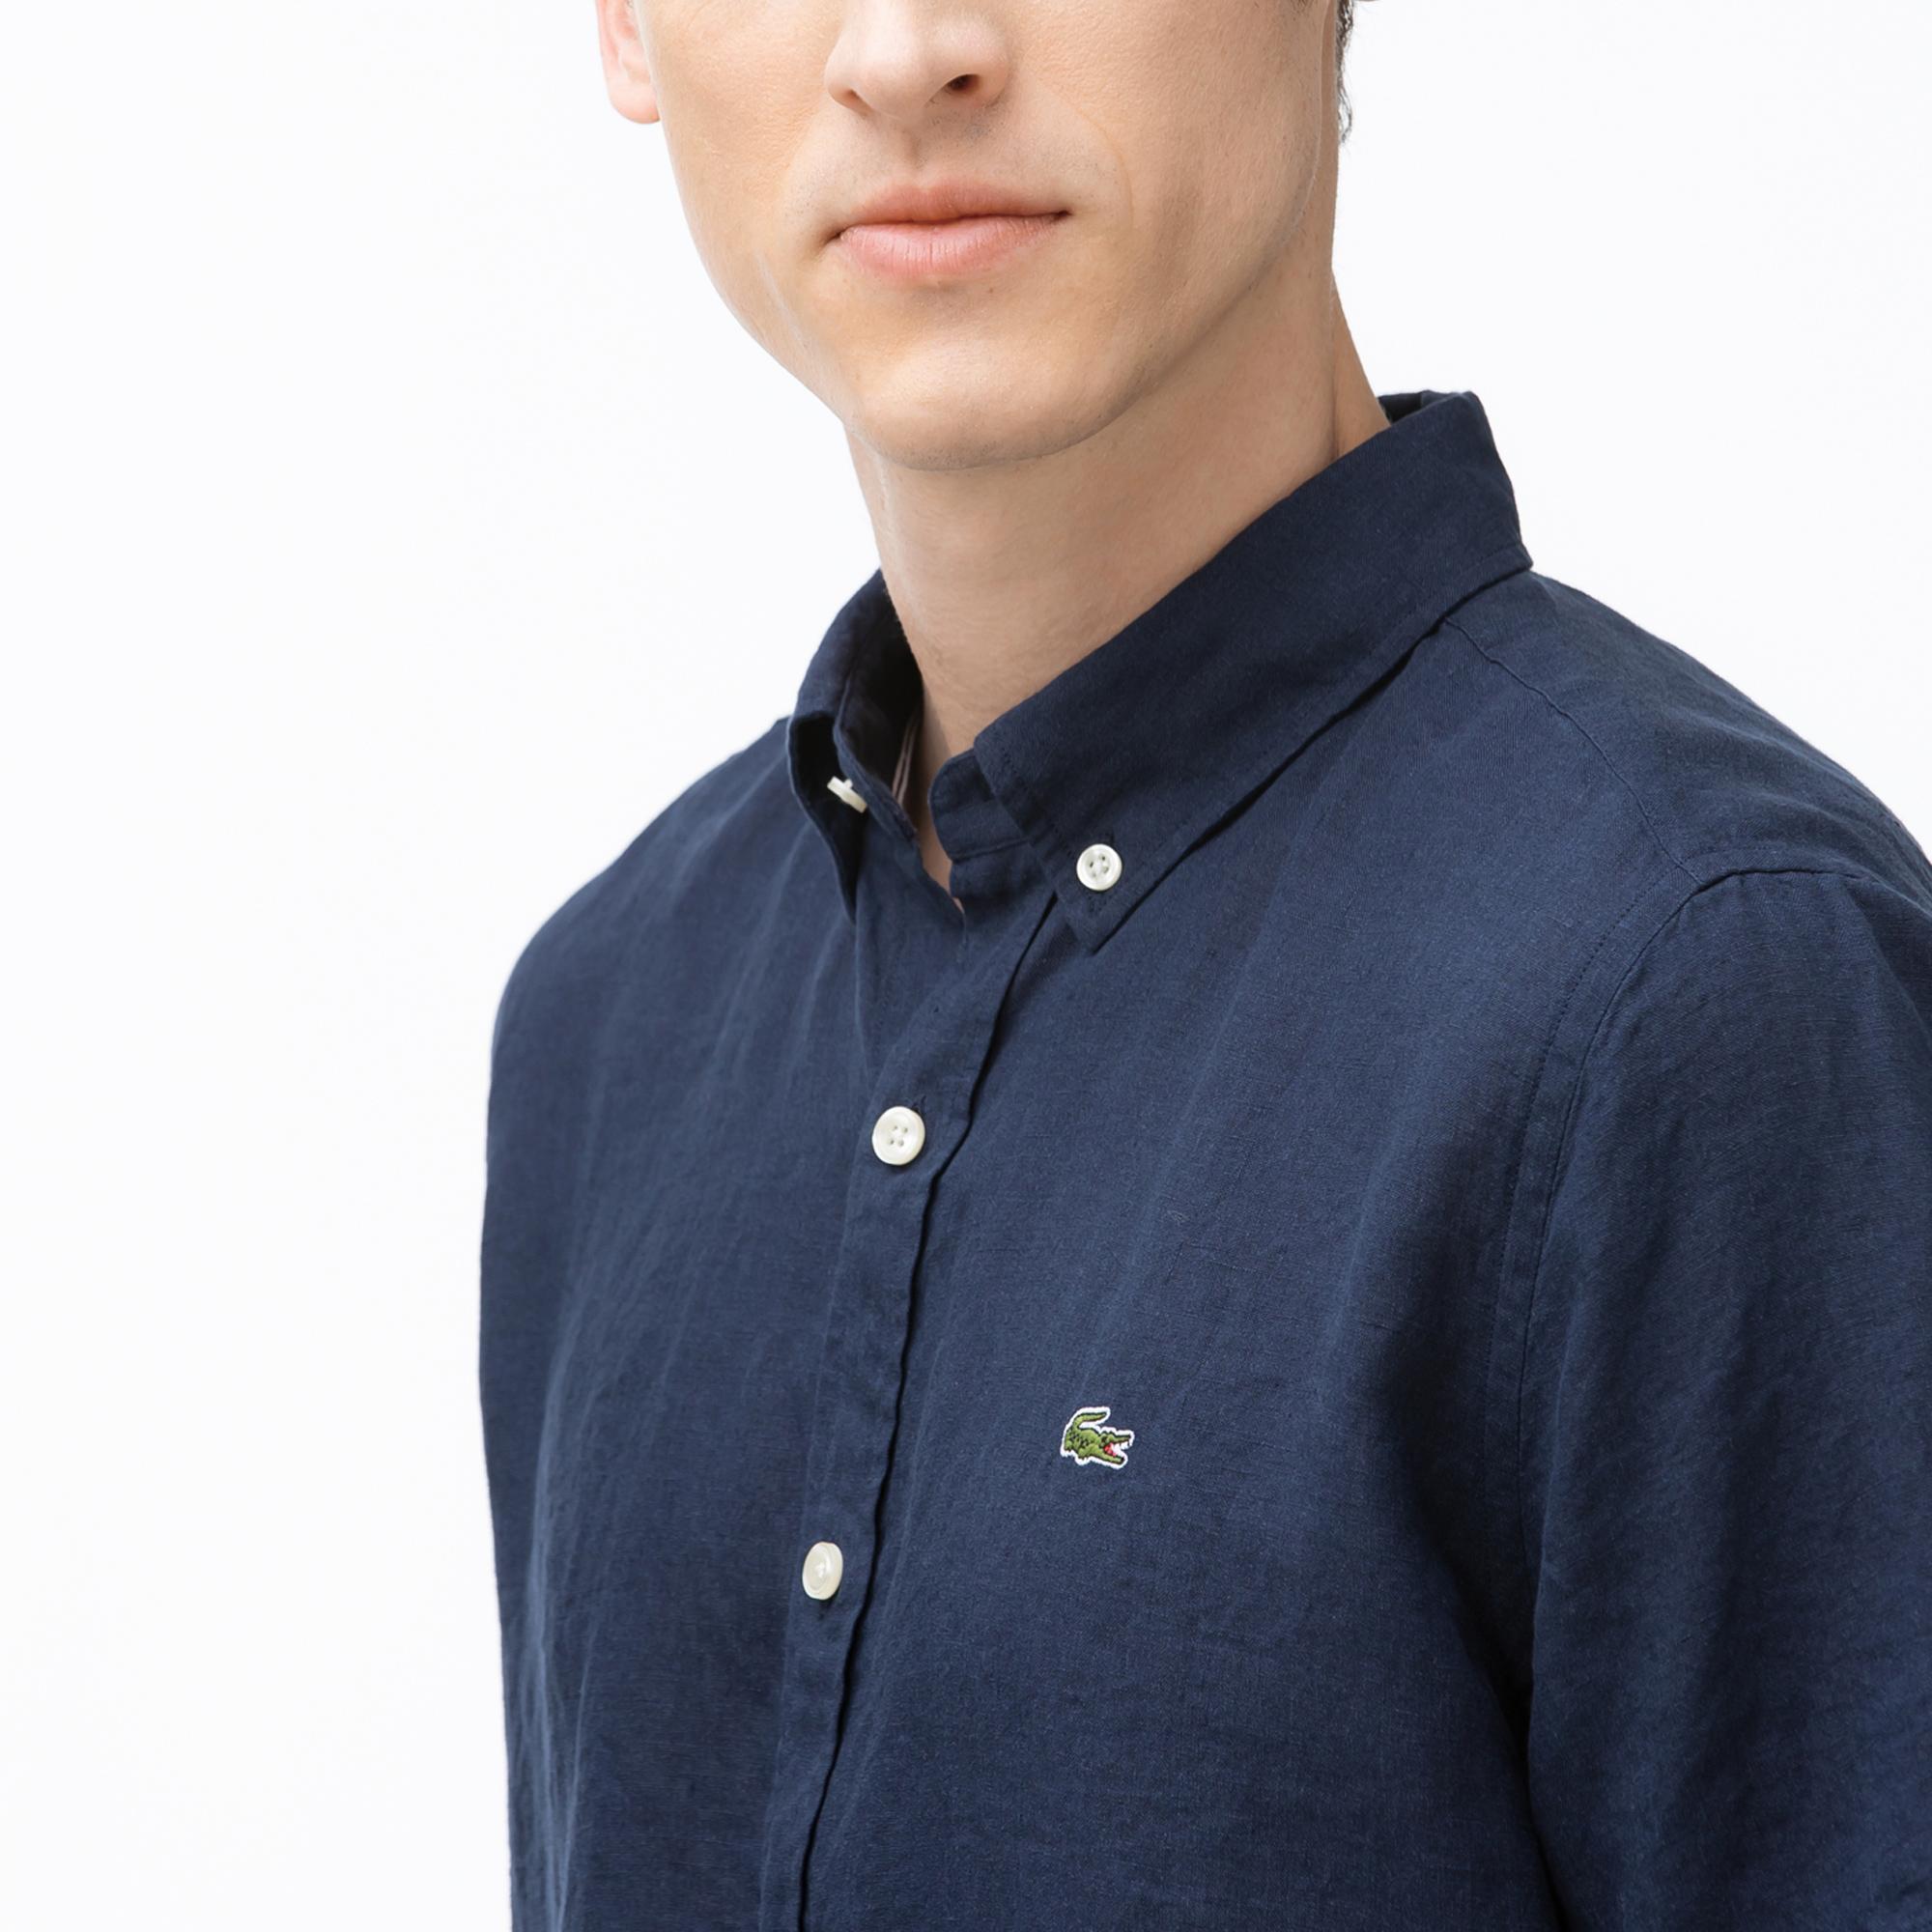 Lacoste Erkek Regular Fit Kısa Kollu Lacivert Gömlek